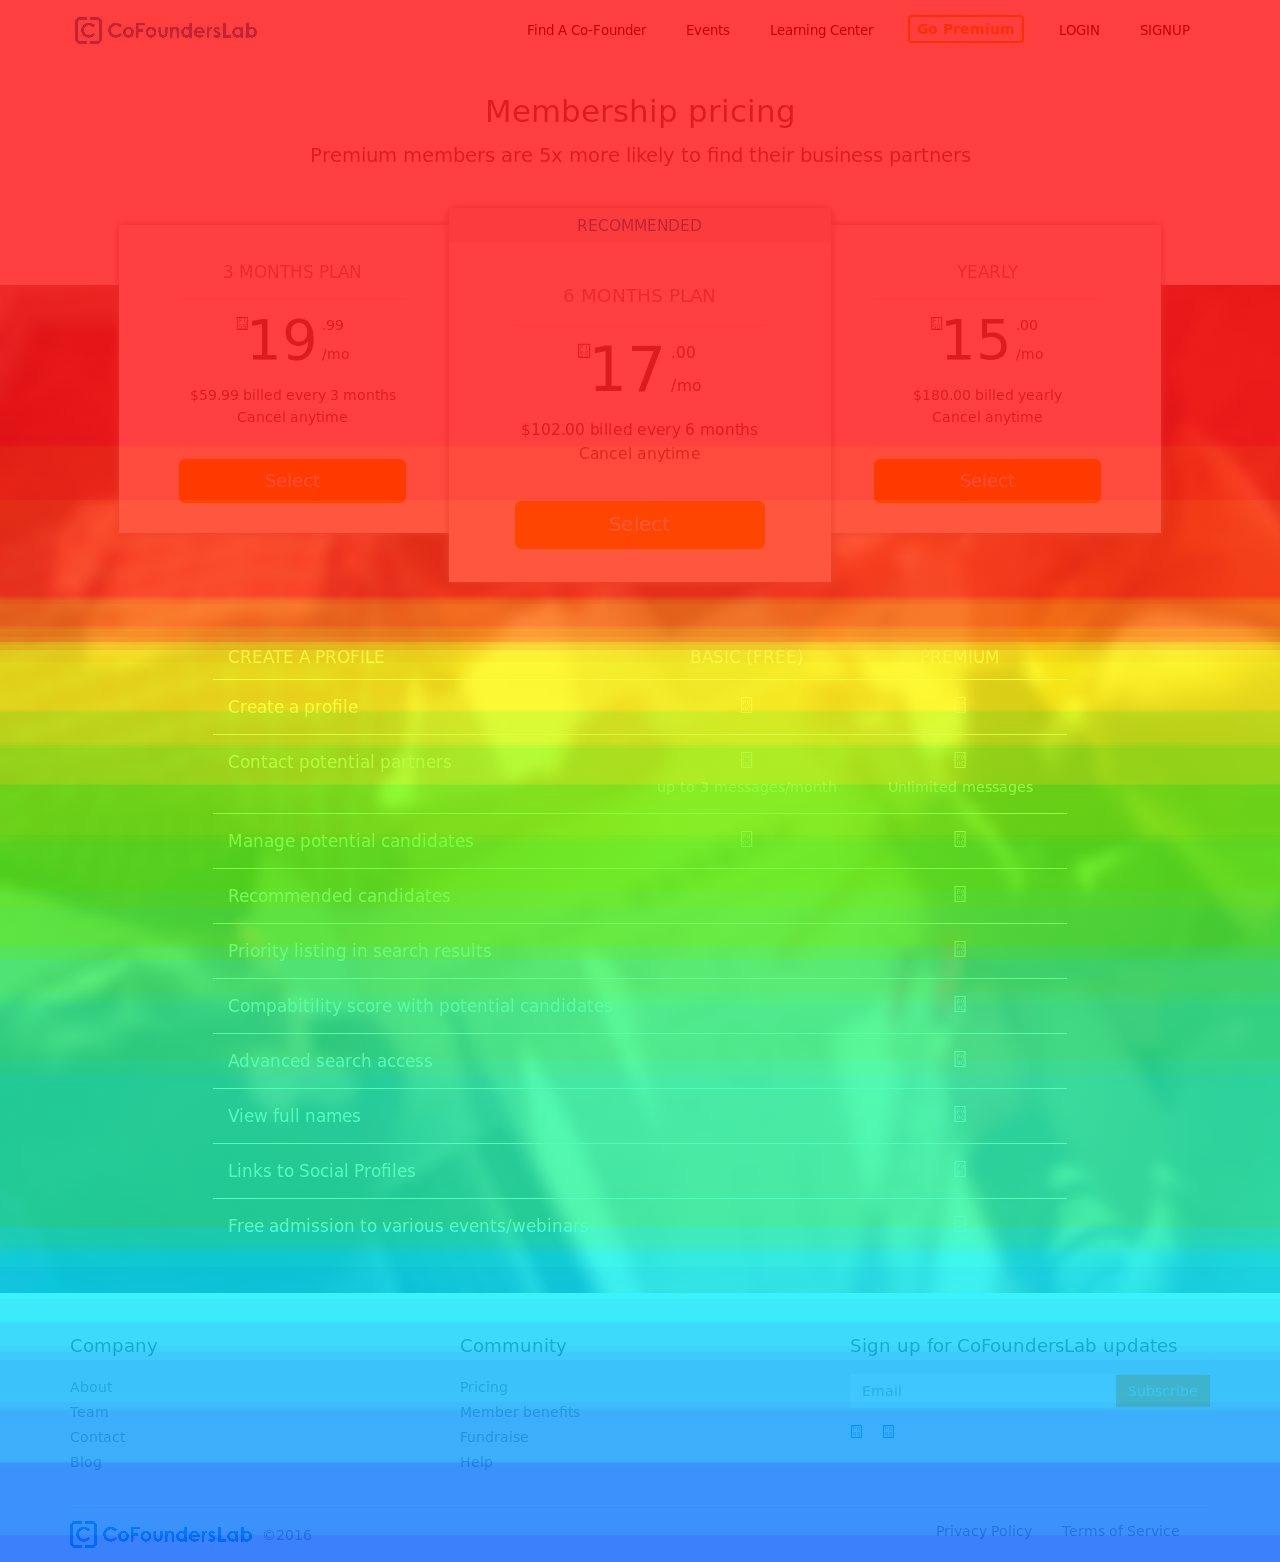 heatmap-757228-scroll-desktop.jpg